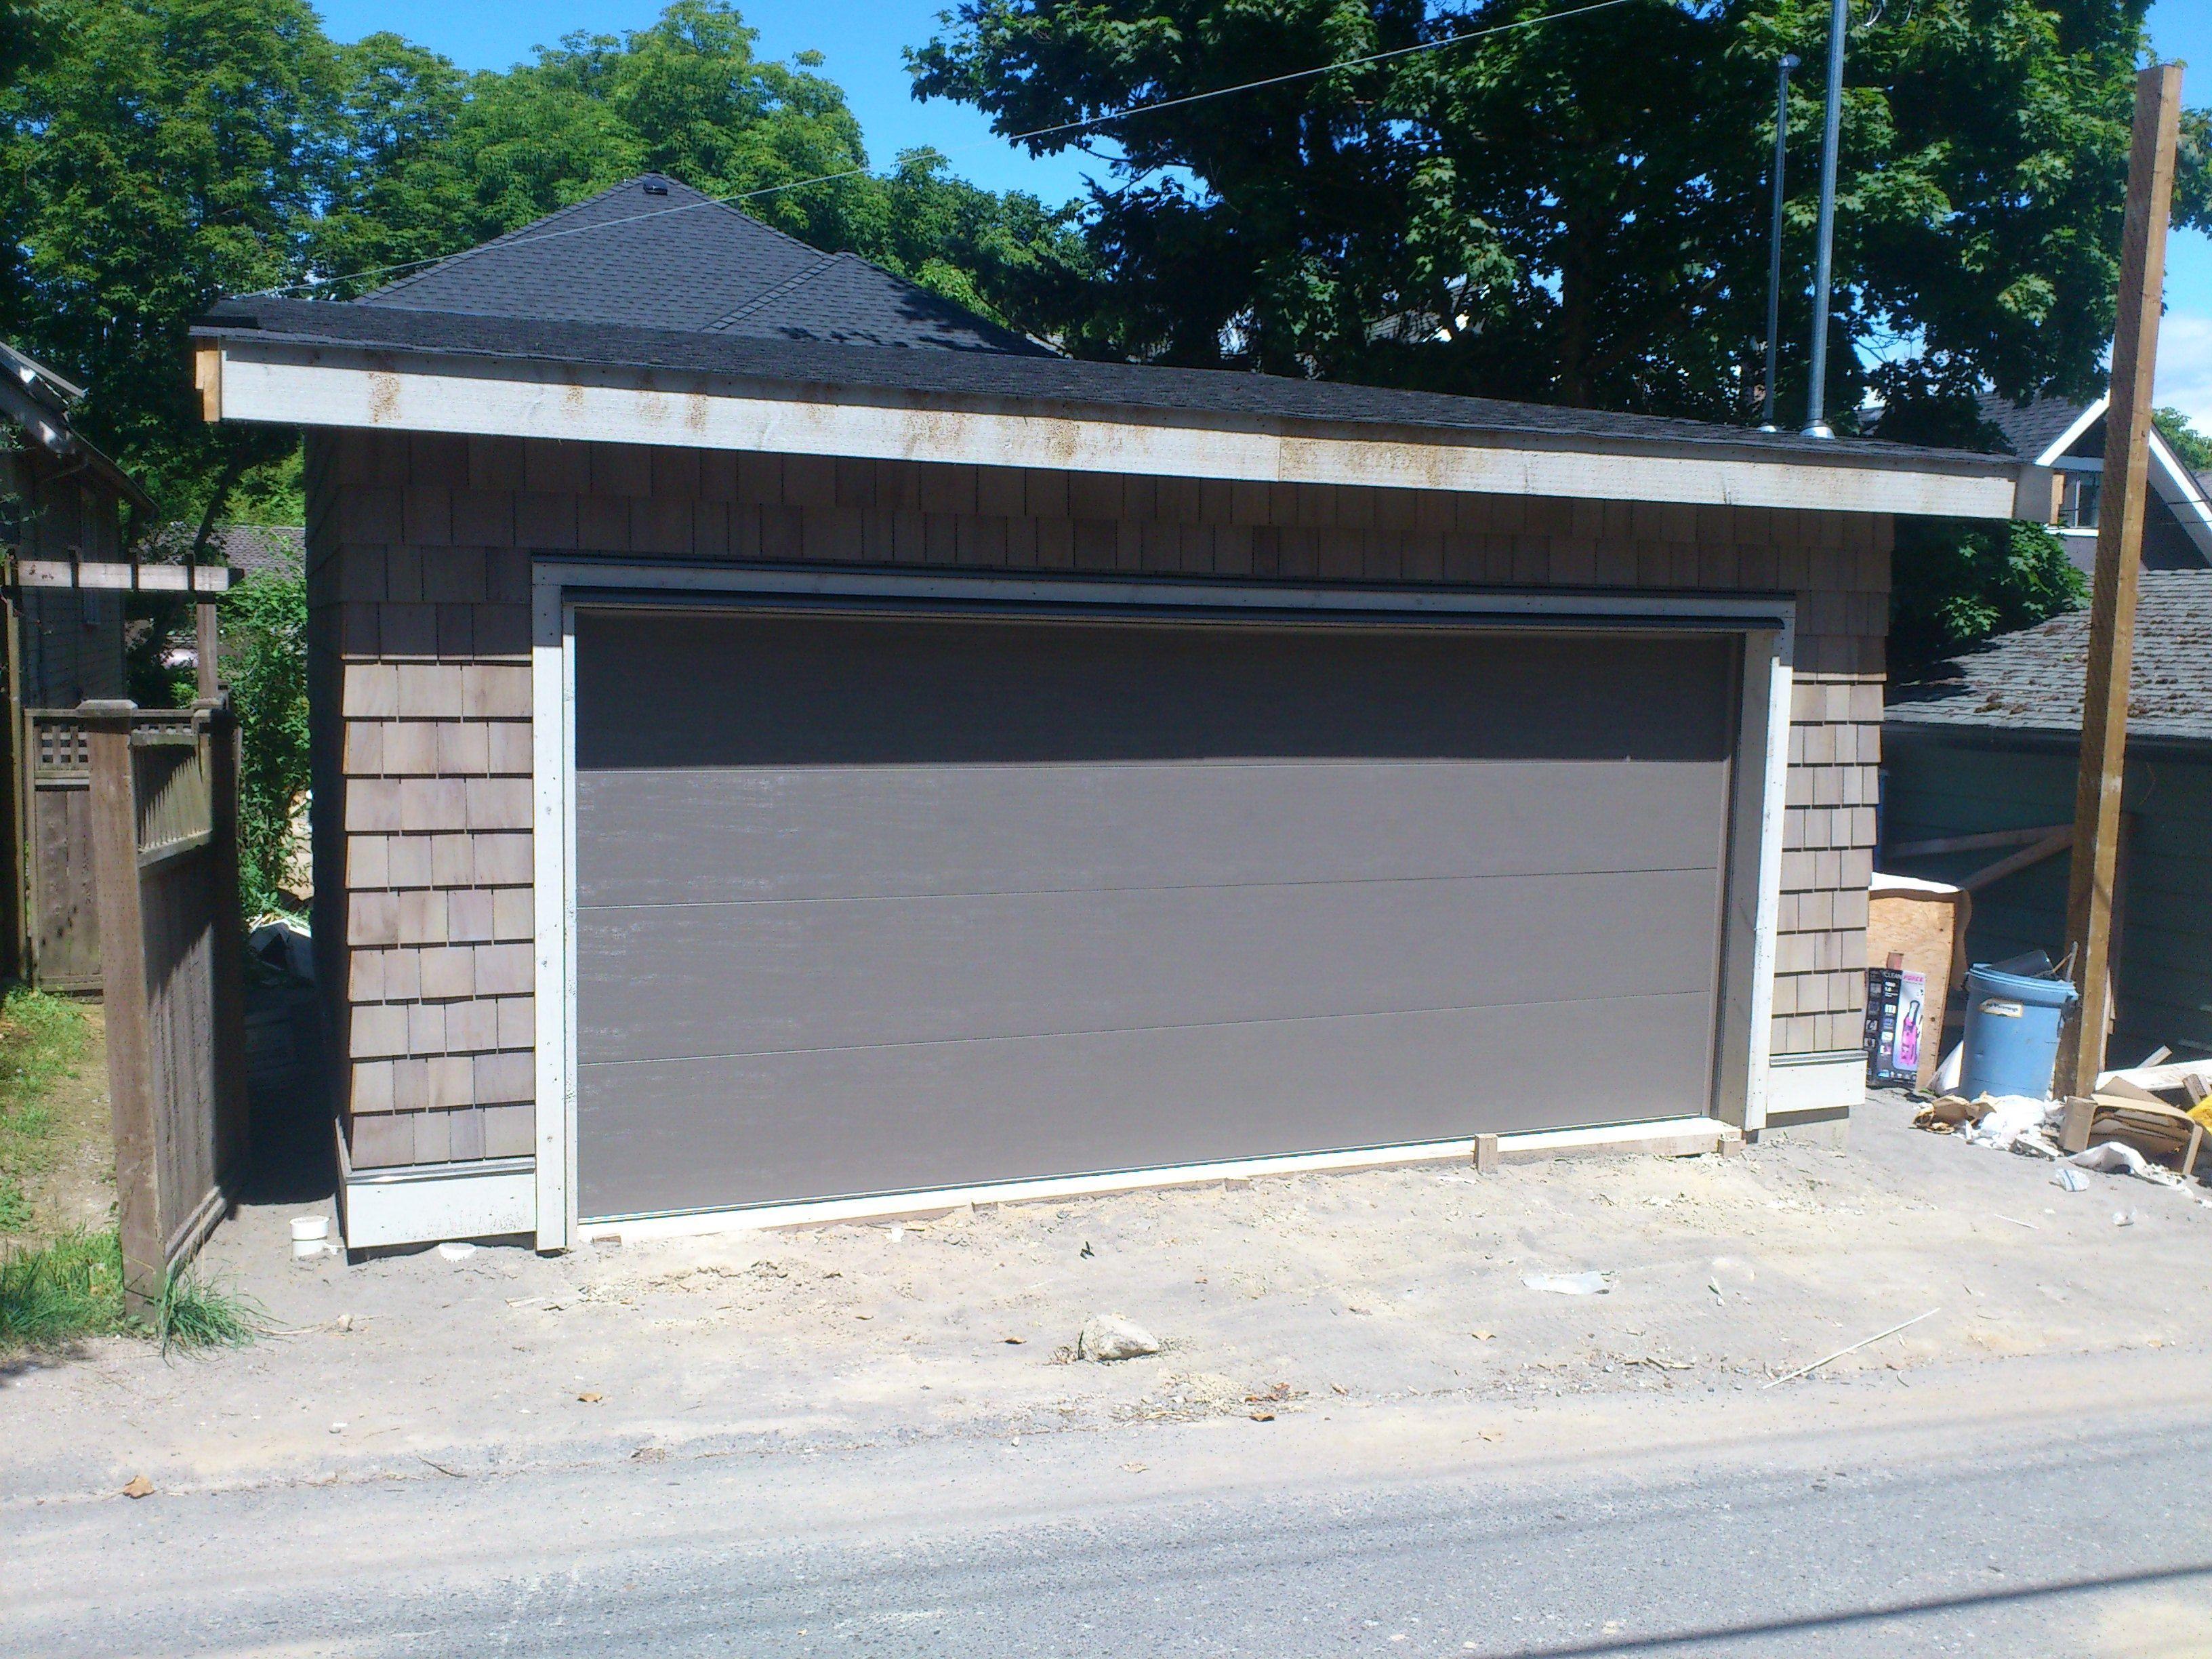 Clopay Classic Series Premium Insulated 1 3 8 Garage Door In Bronze Bronze Is The New Sandtone Of Garage Doors Garage Doors Doors Garage